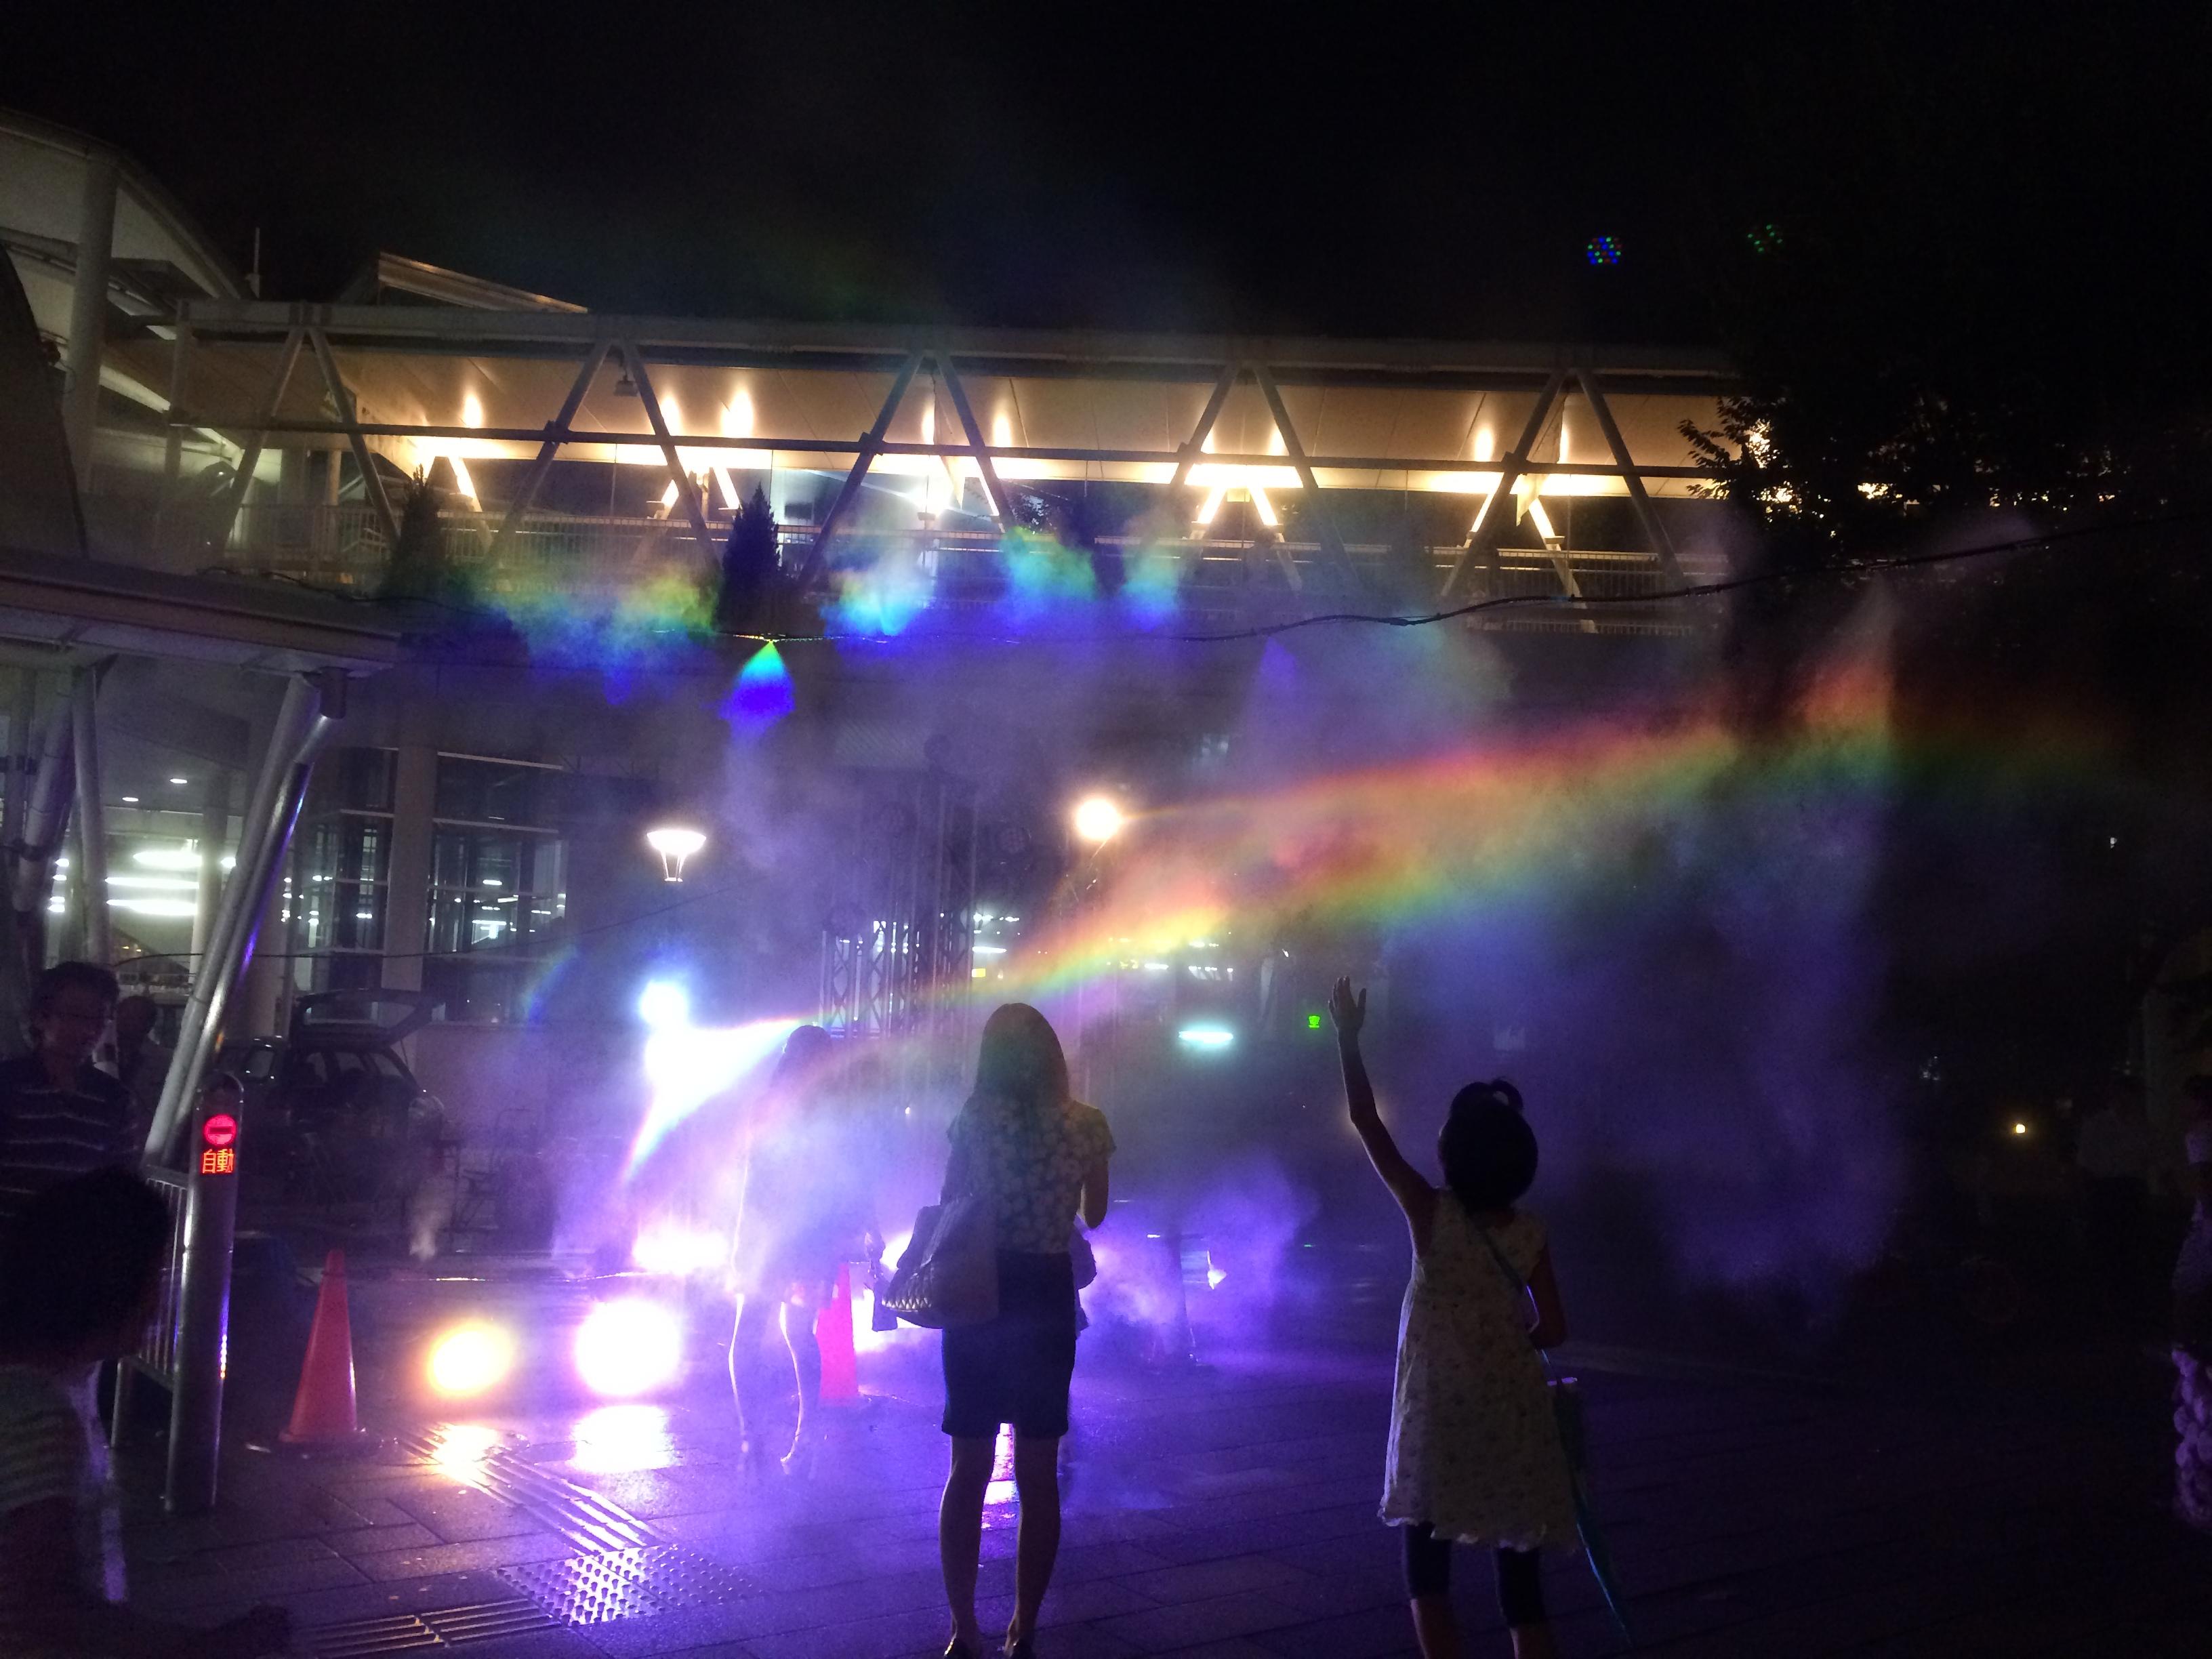 【レンタル噴水】虹の噴水 ミスト噴水